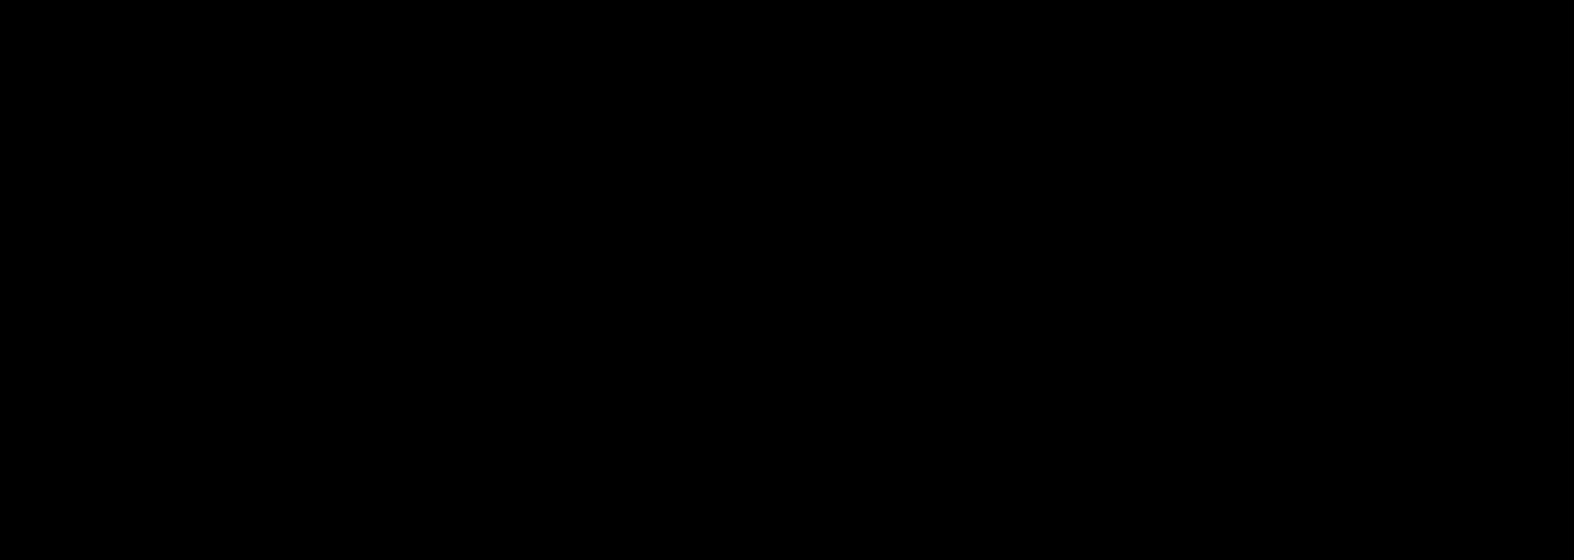 Clorgiline-d<sub>3</sub> hydrochloride